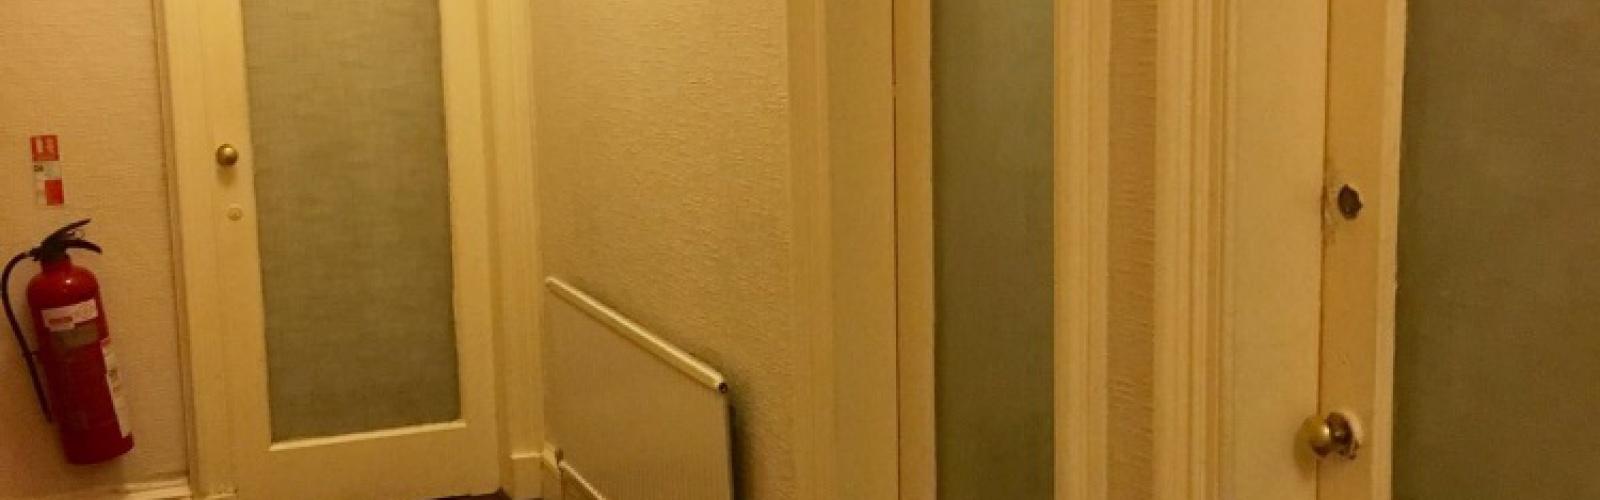 3 Bedrooms Bedrooms,1 BathroomBathrooms,Flat,1016